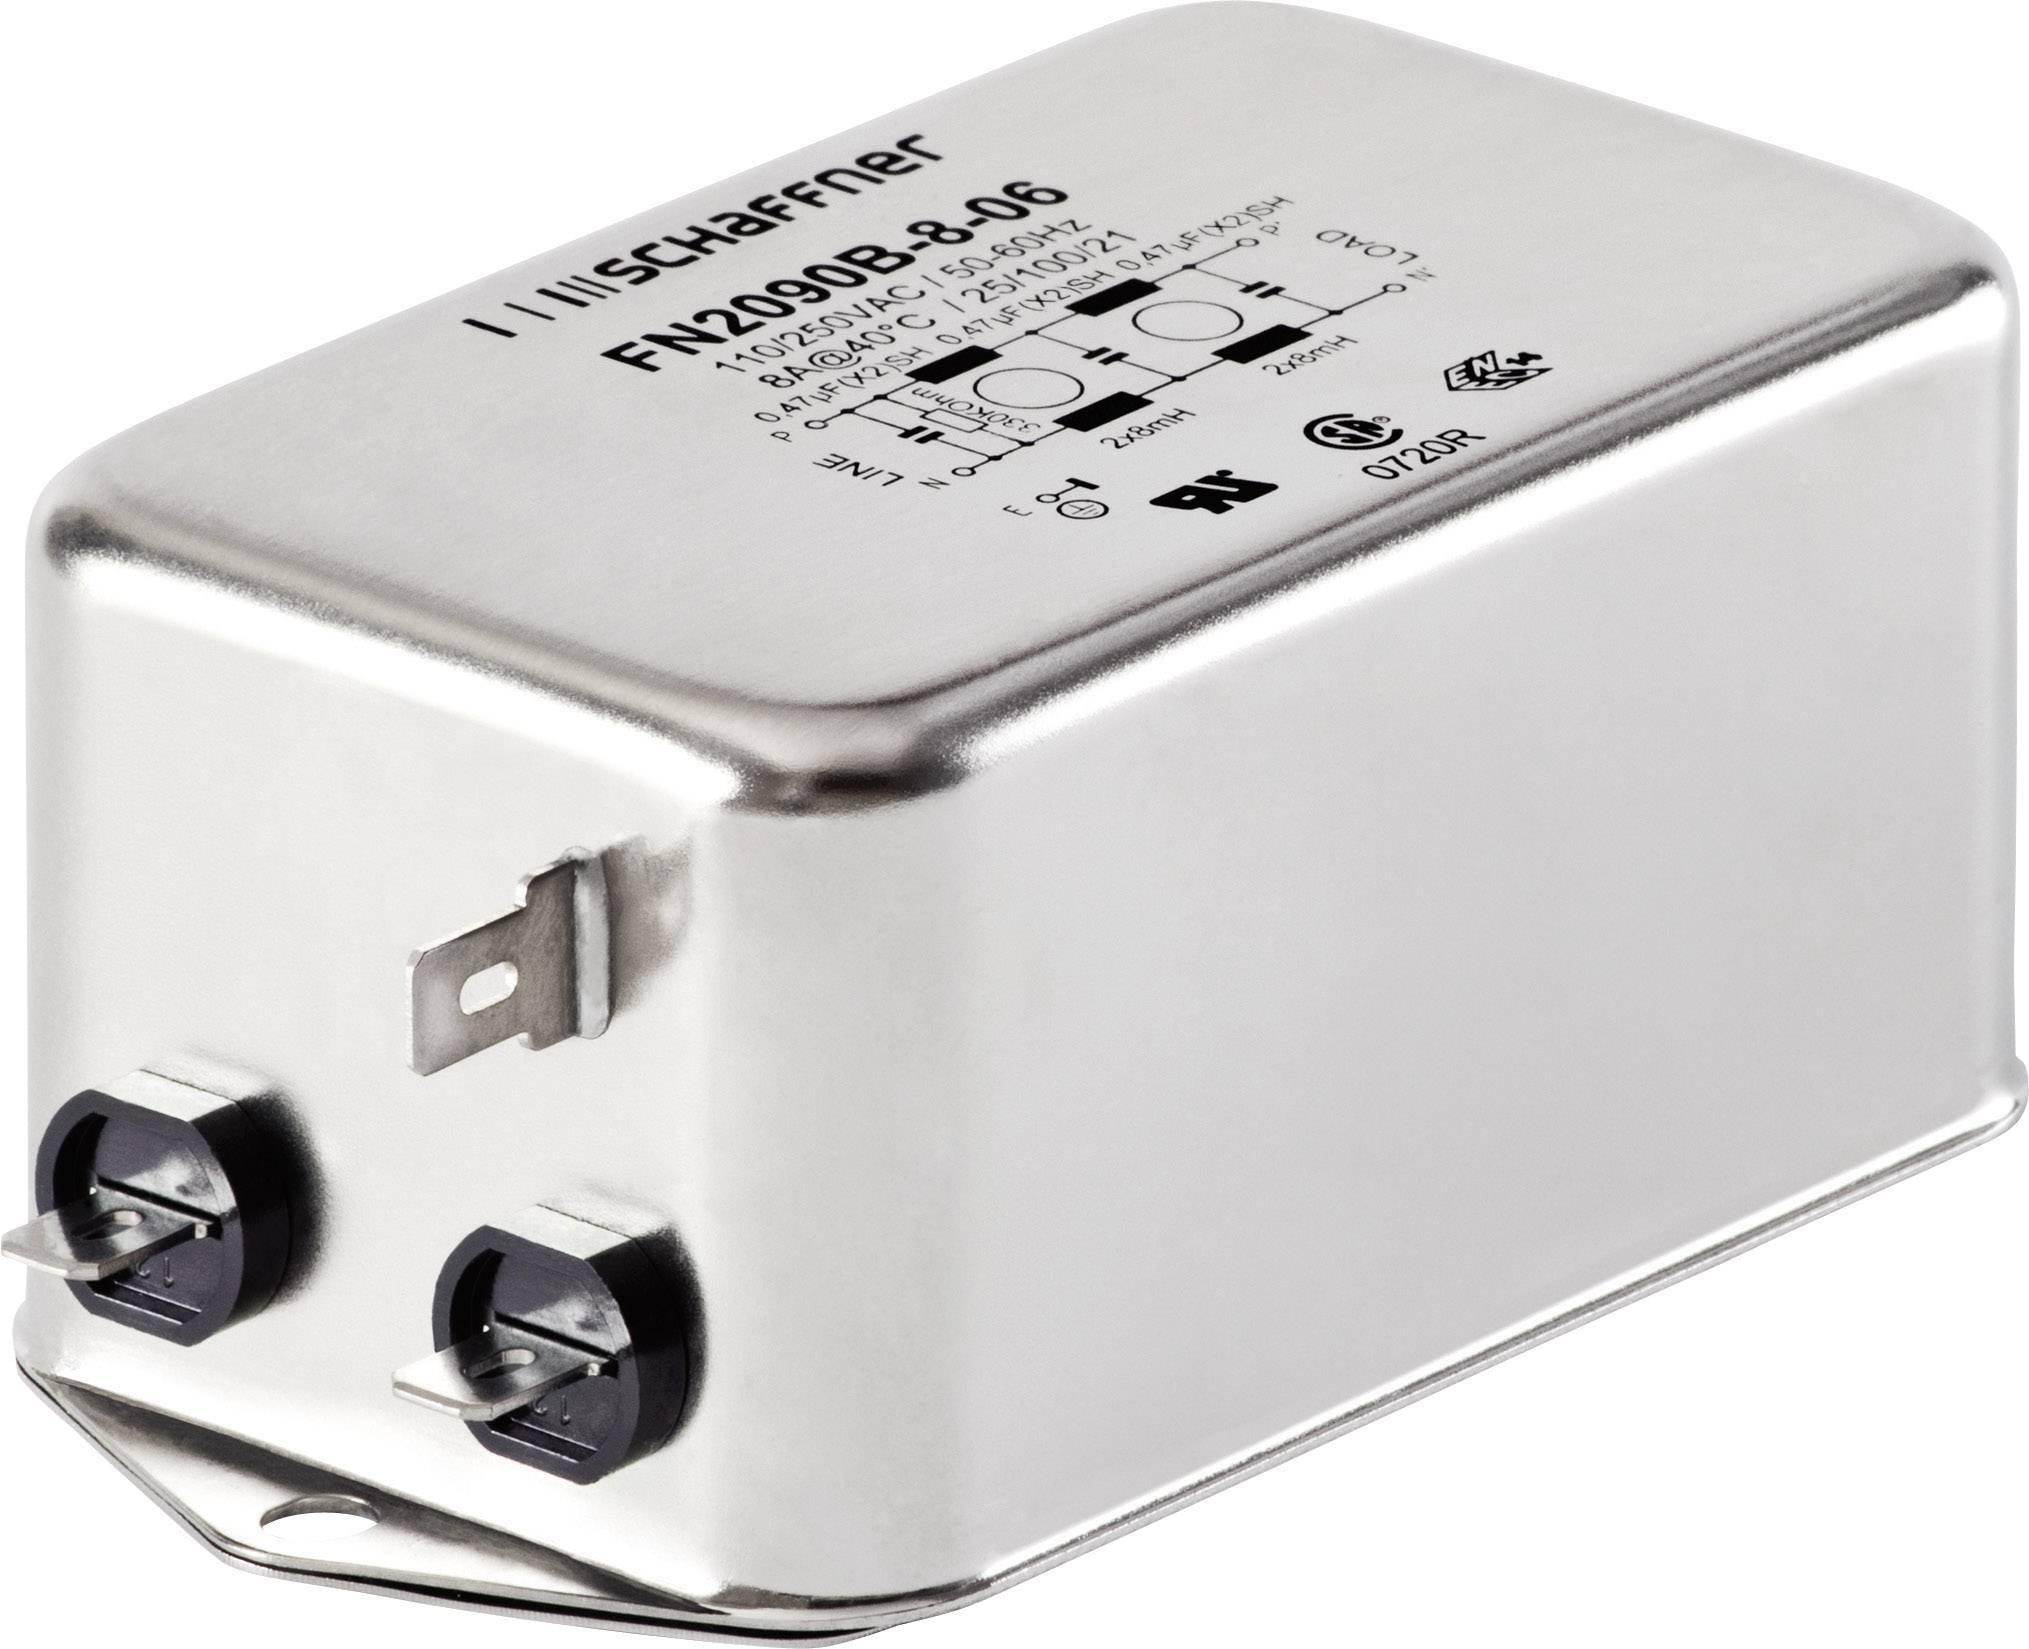 Odrušovací filter Schaffner FN2090-20-06 FN2090-20-06, 250 V/AC, 20 A, 2.7 mH, (d x š x v) 113.5 x 57.5 x 45.4 mm, 1 ks